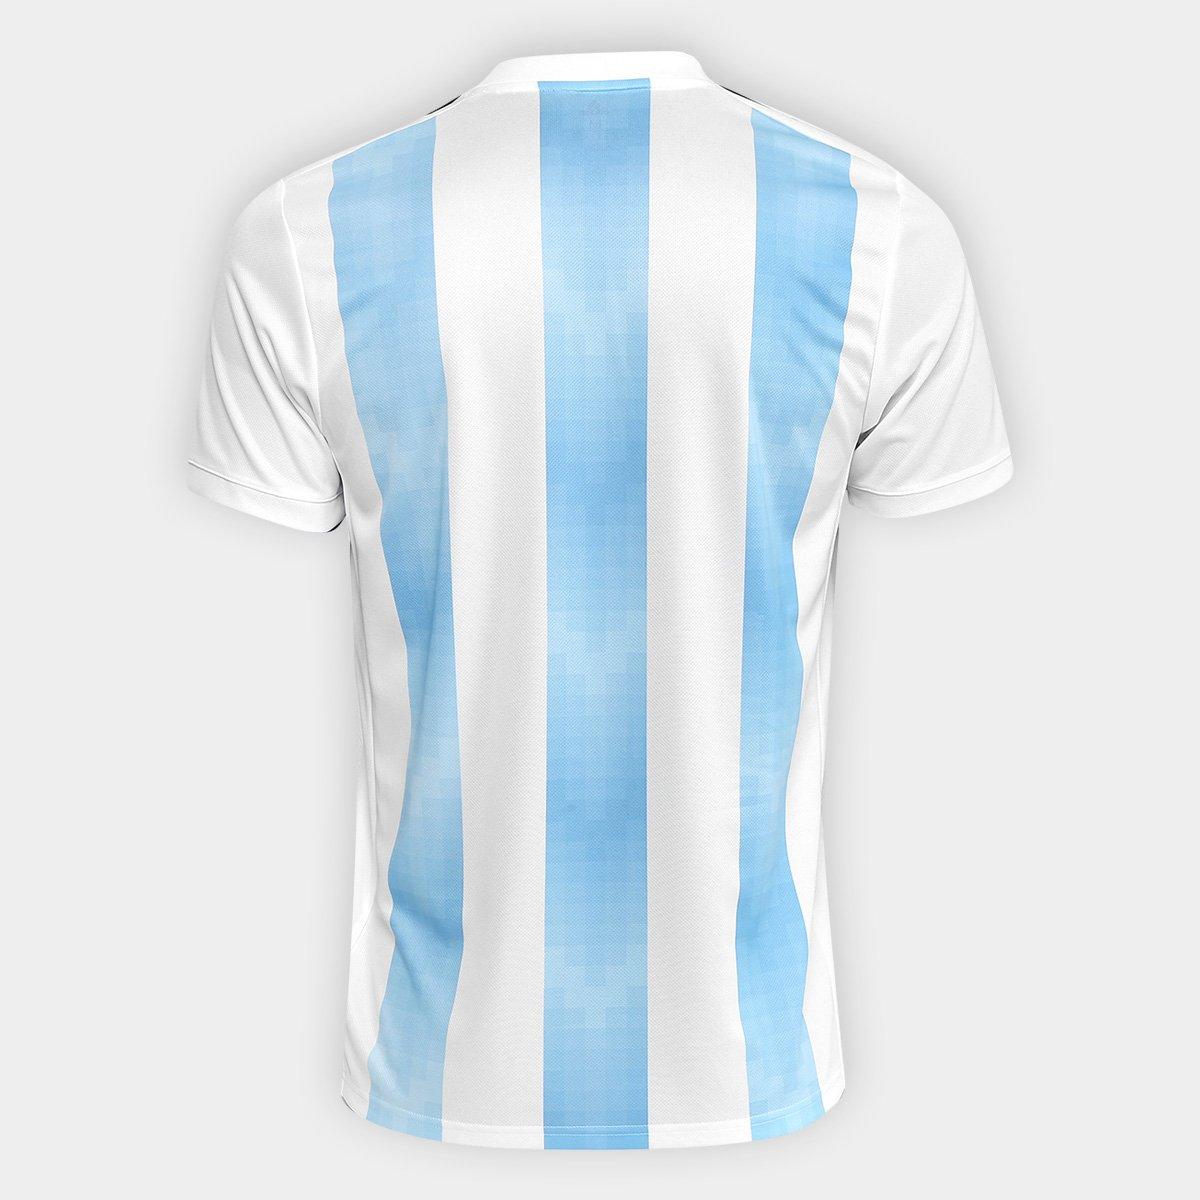 ... Camisa Seleção Argentina Home 2018 s n° Torcedor Adidas Masculina ... 3df00e0817348